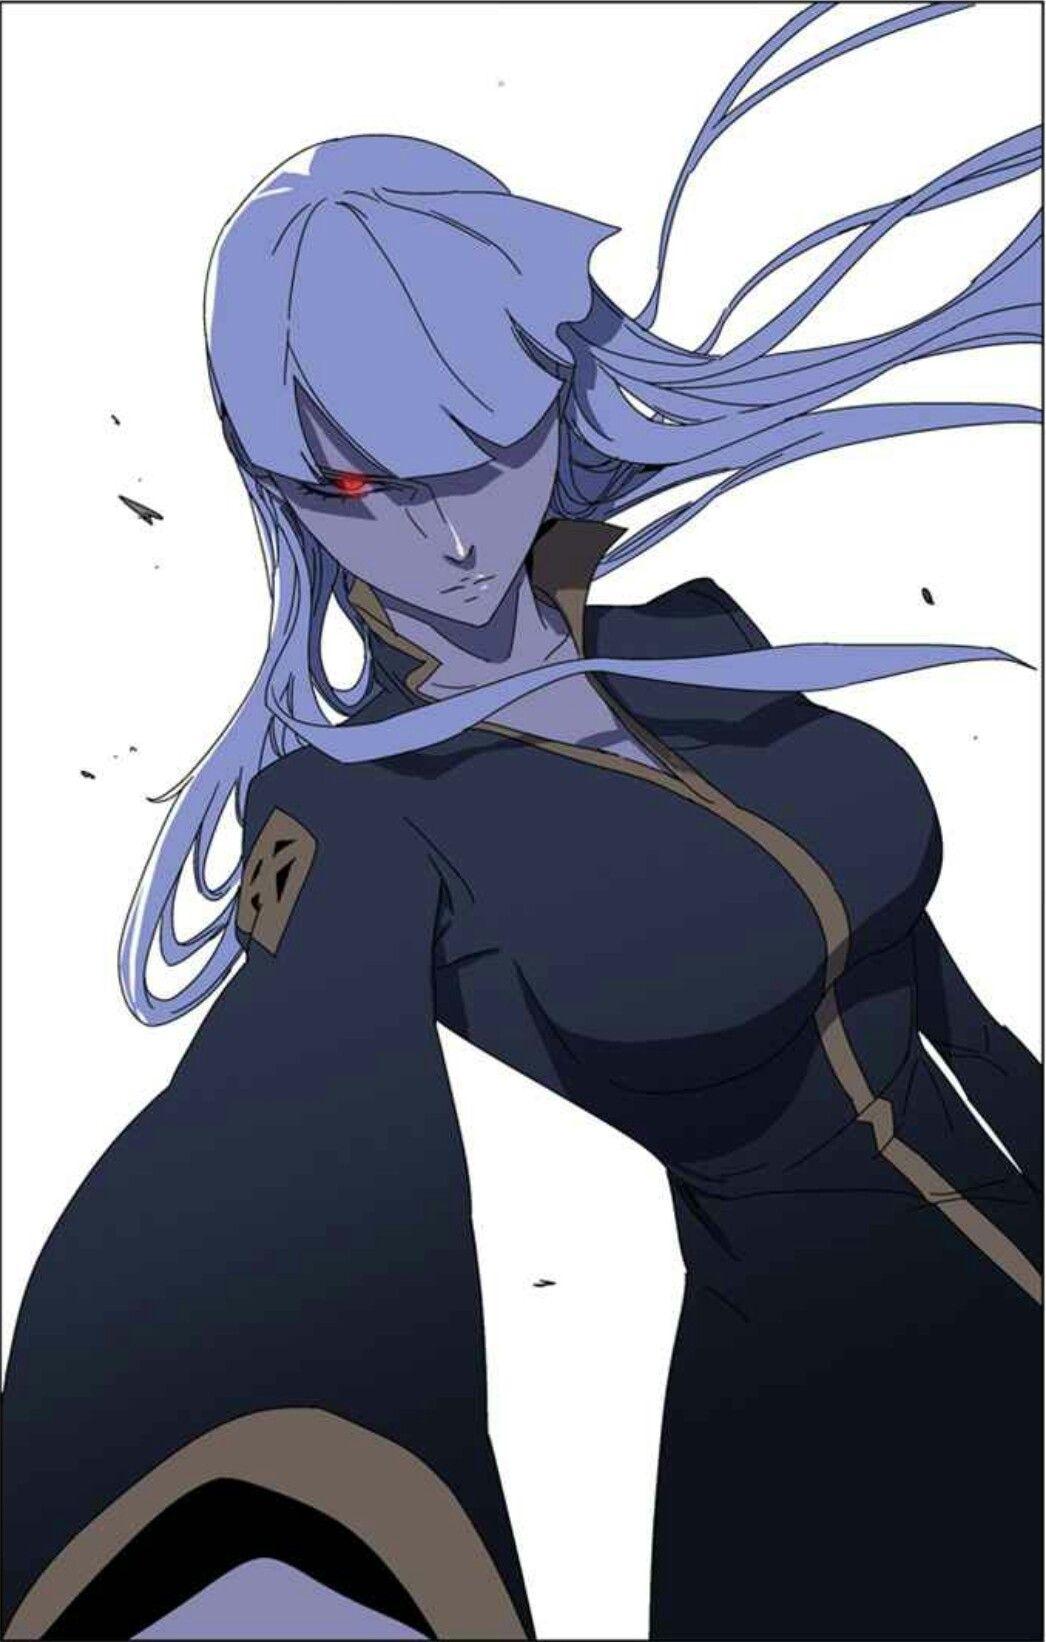 Pin by Kirā on [ WEBTOON ] (≧ ≦) Noblesse, Manga, Webtoon